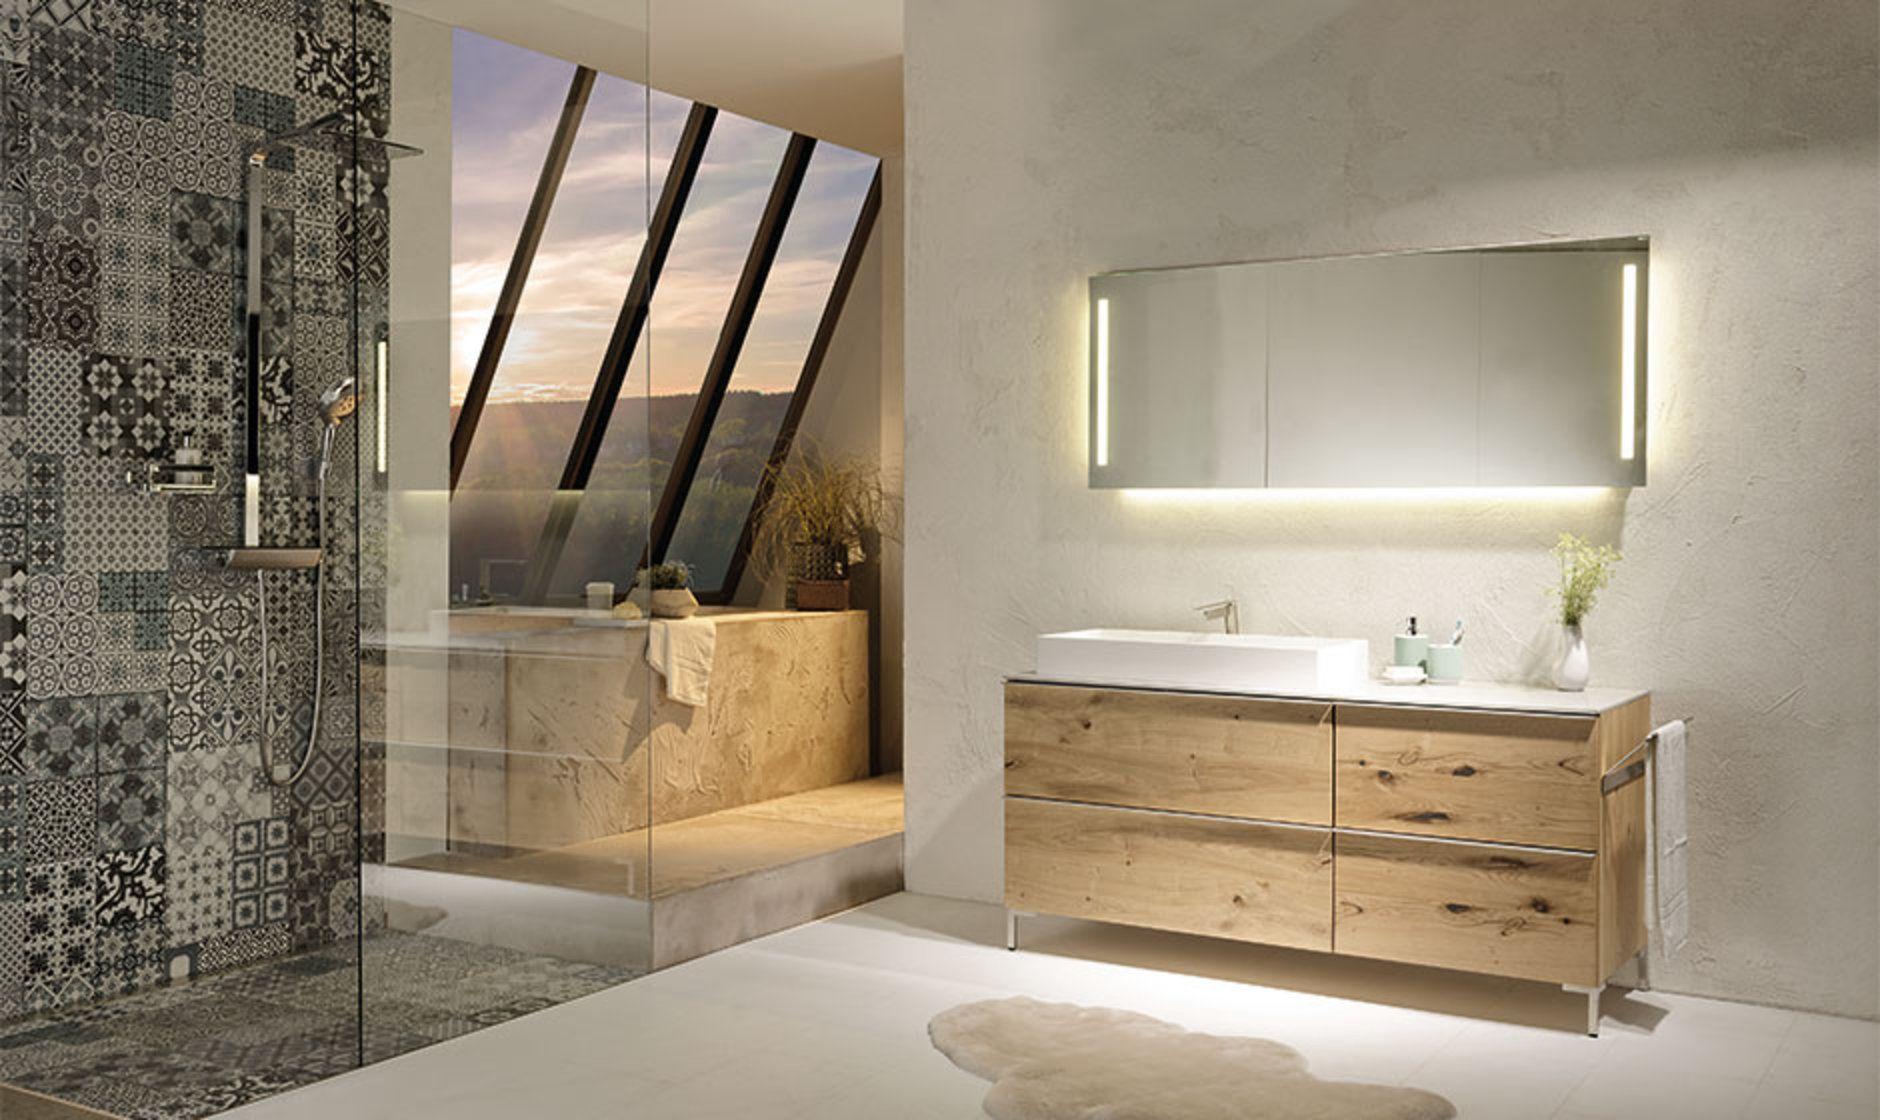 V Alpin Badezimmermobel Von Voglauer Luxusbadezimmer Badezimmer Badezimmerideen